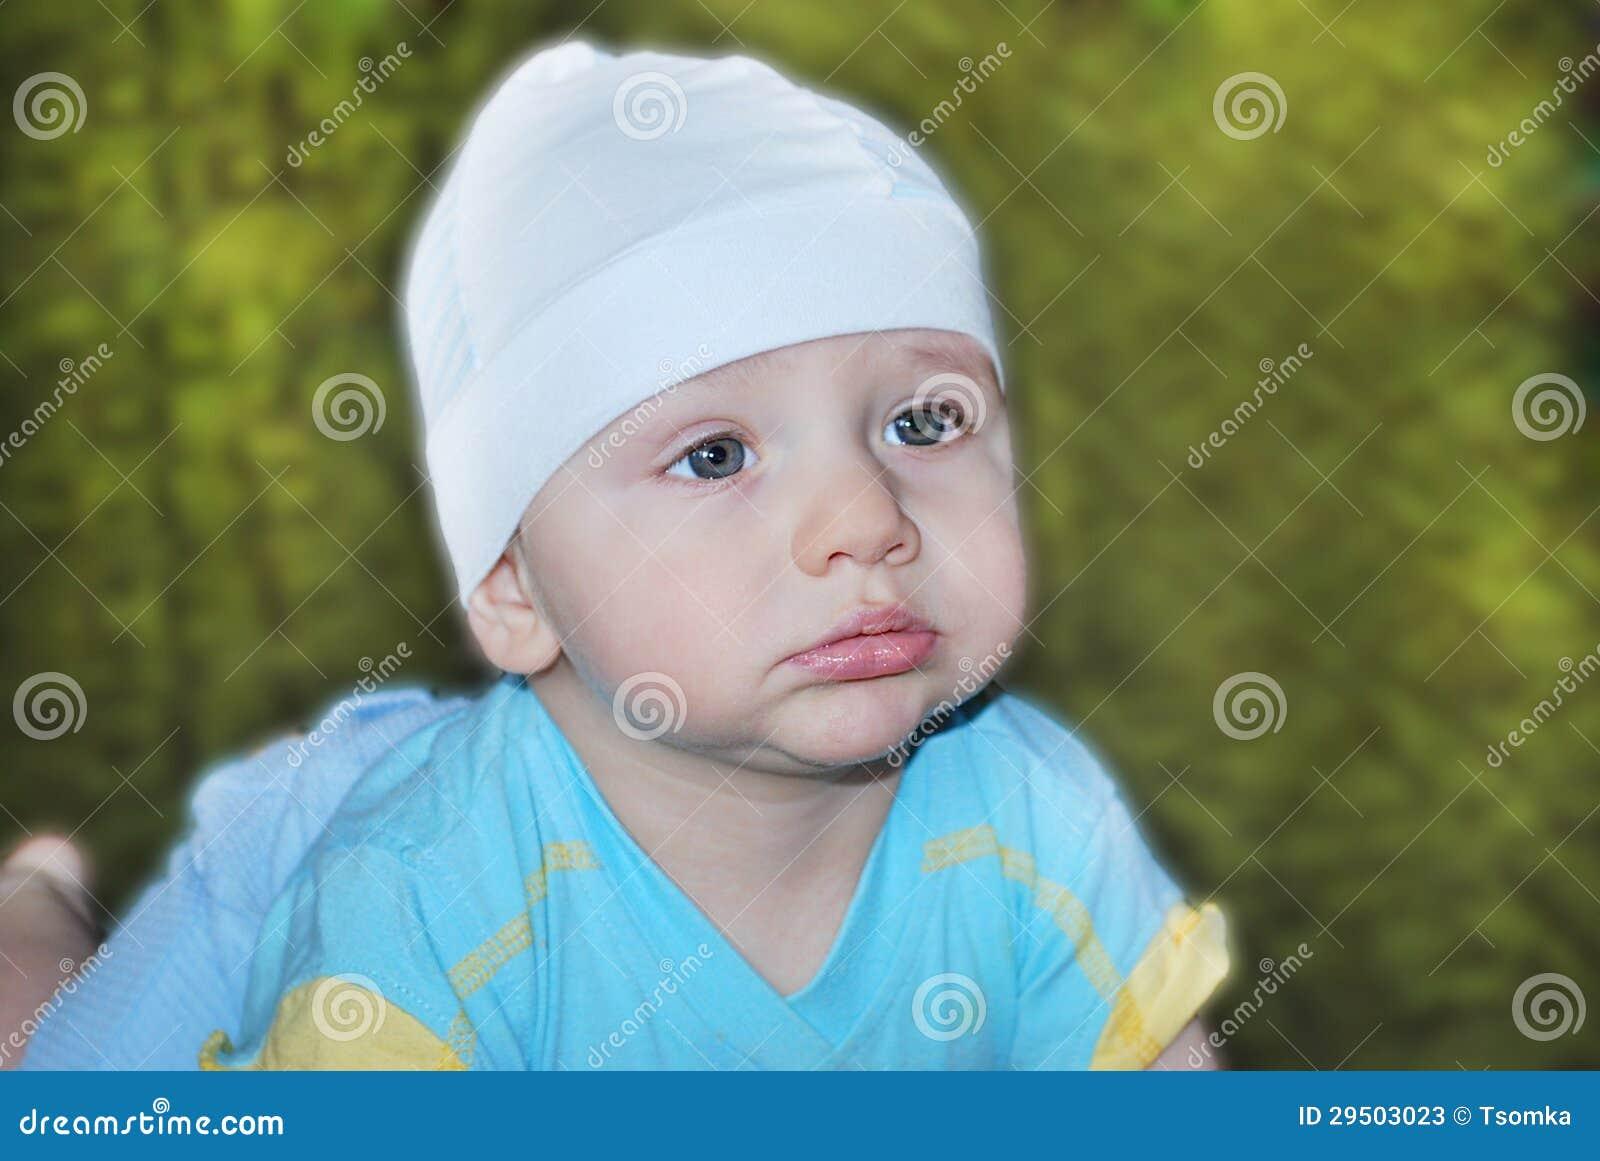 Een kleine jongen